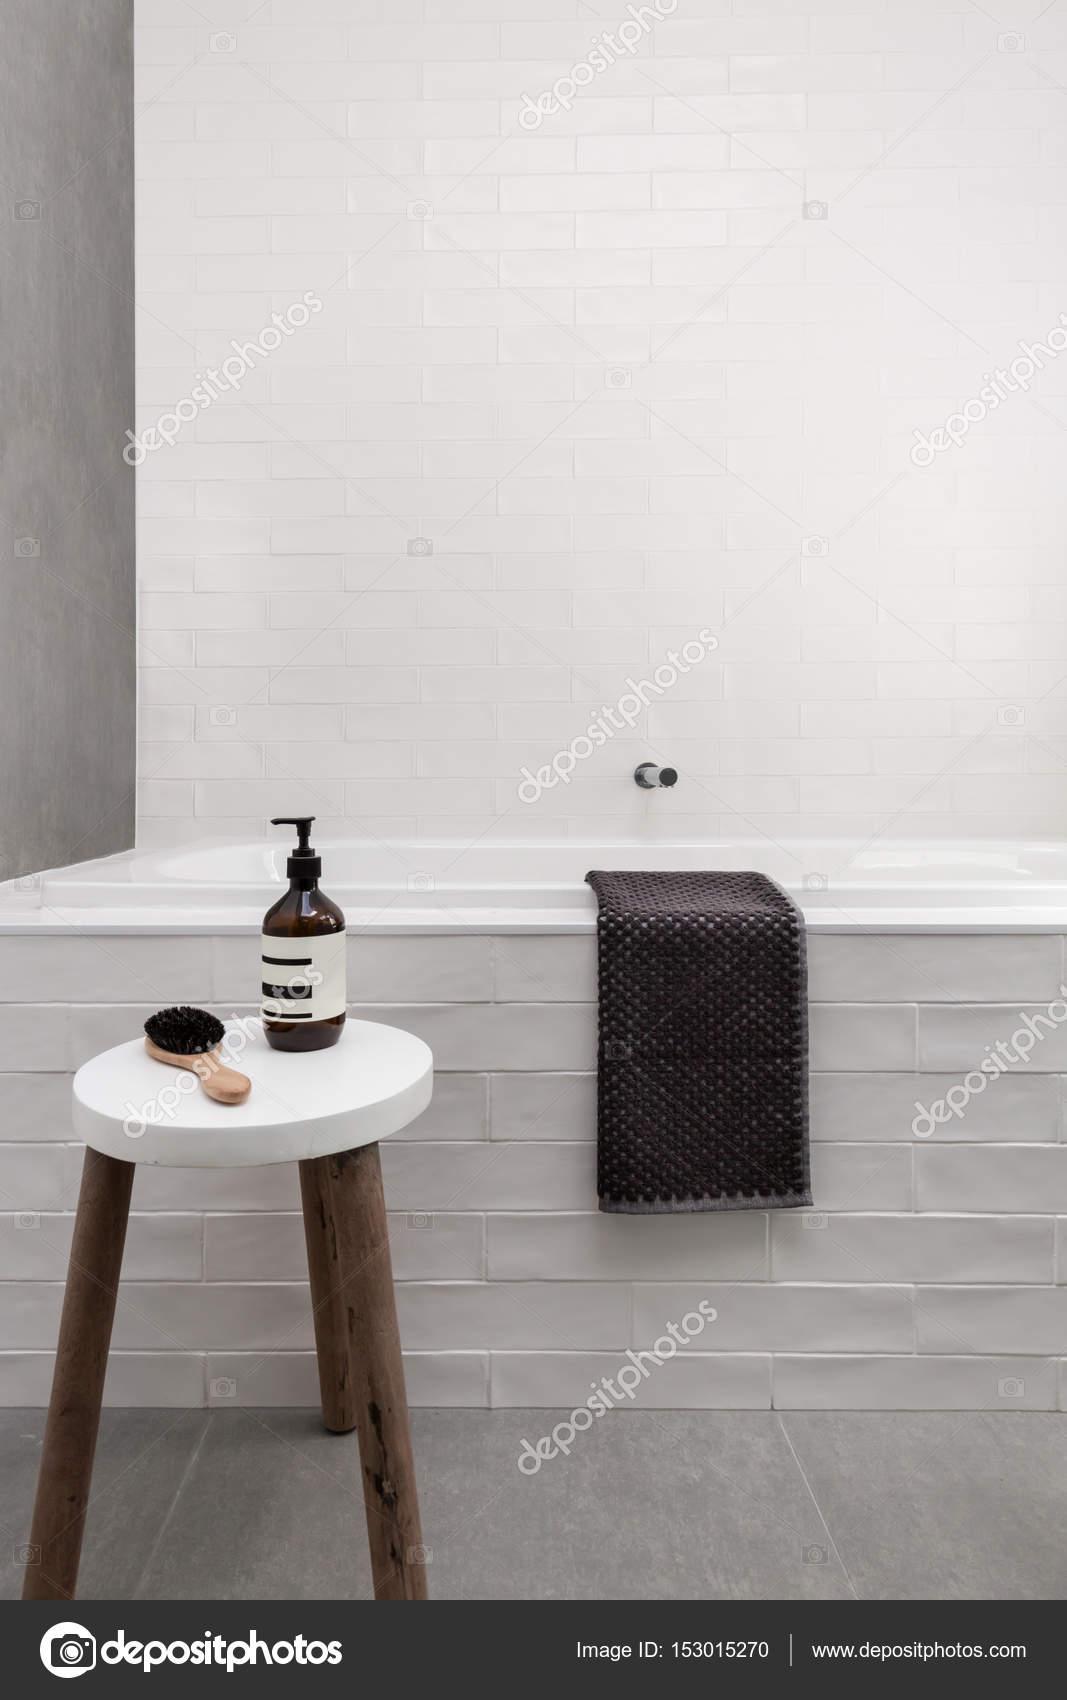 Tabouret et table de bain blanc — Photographie jodiejohnson ...